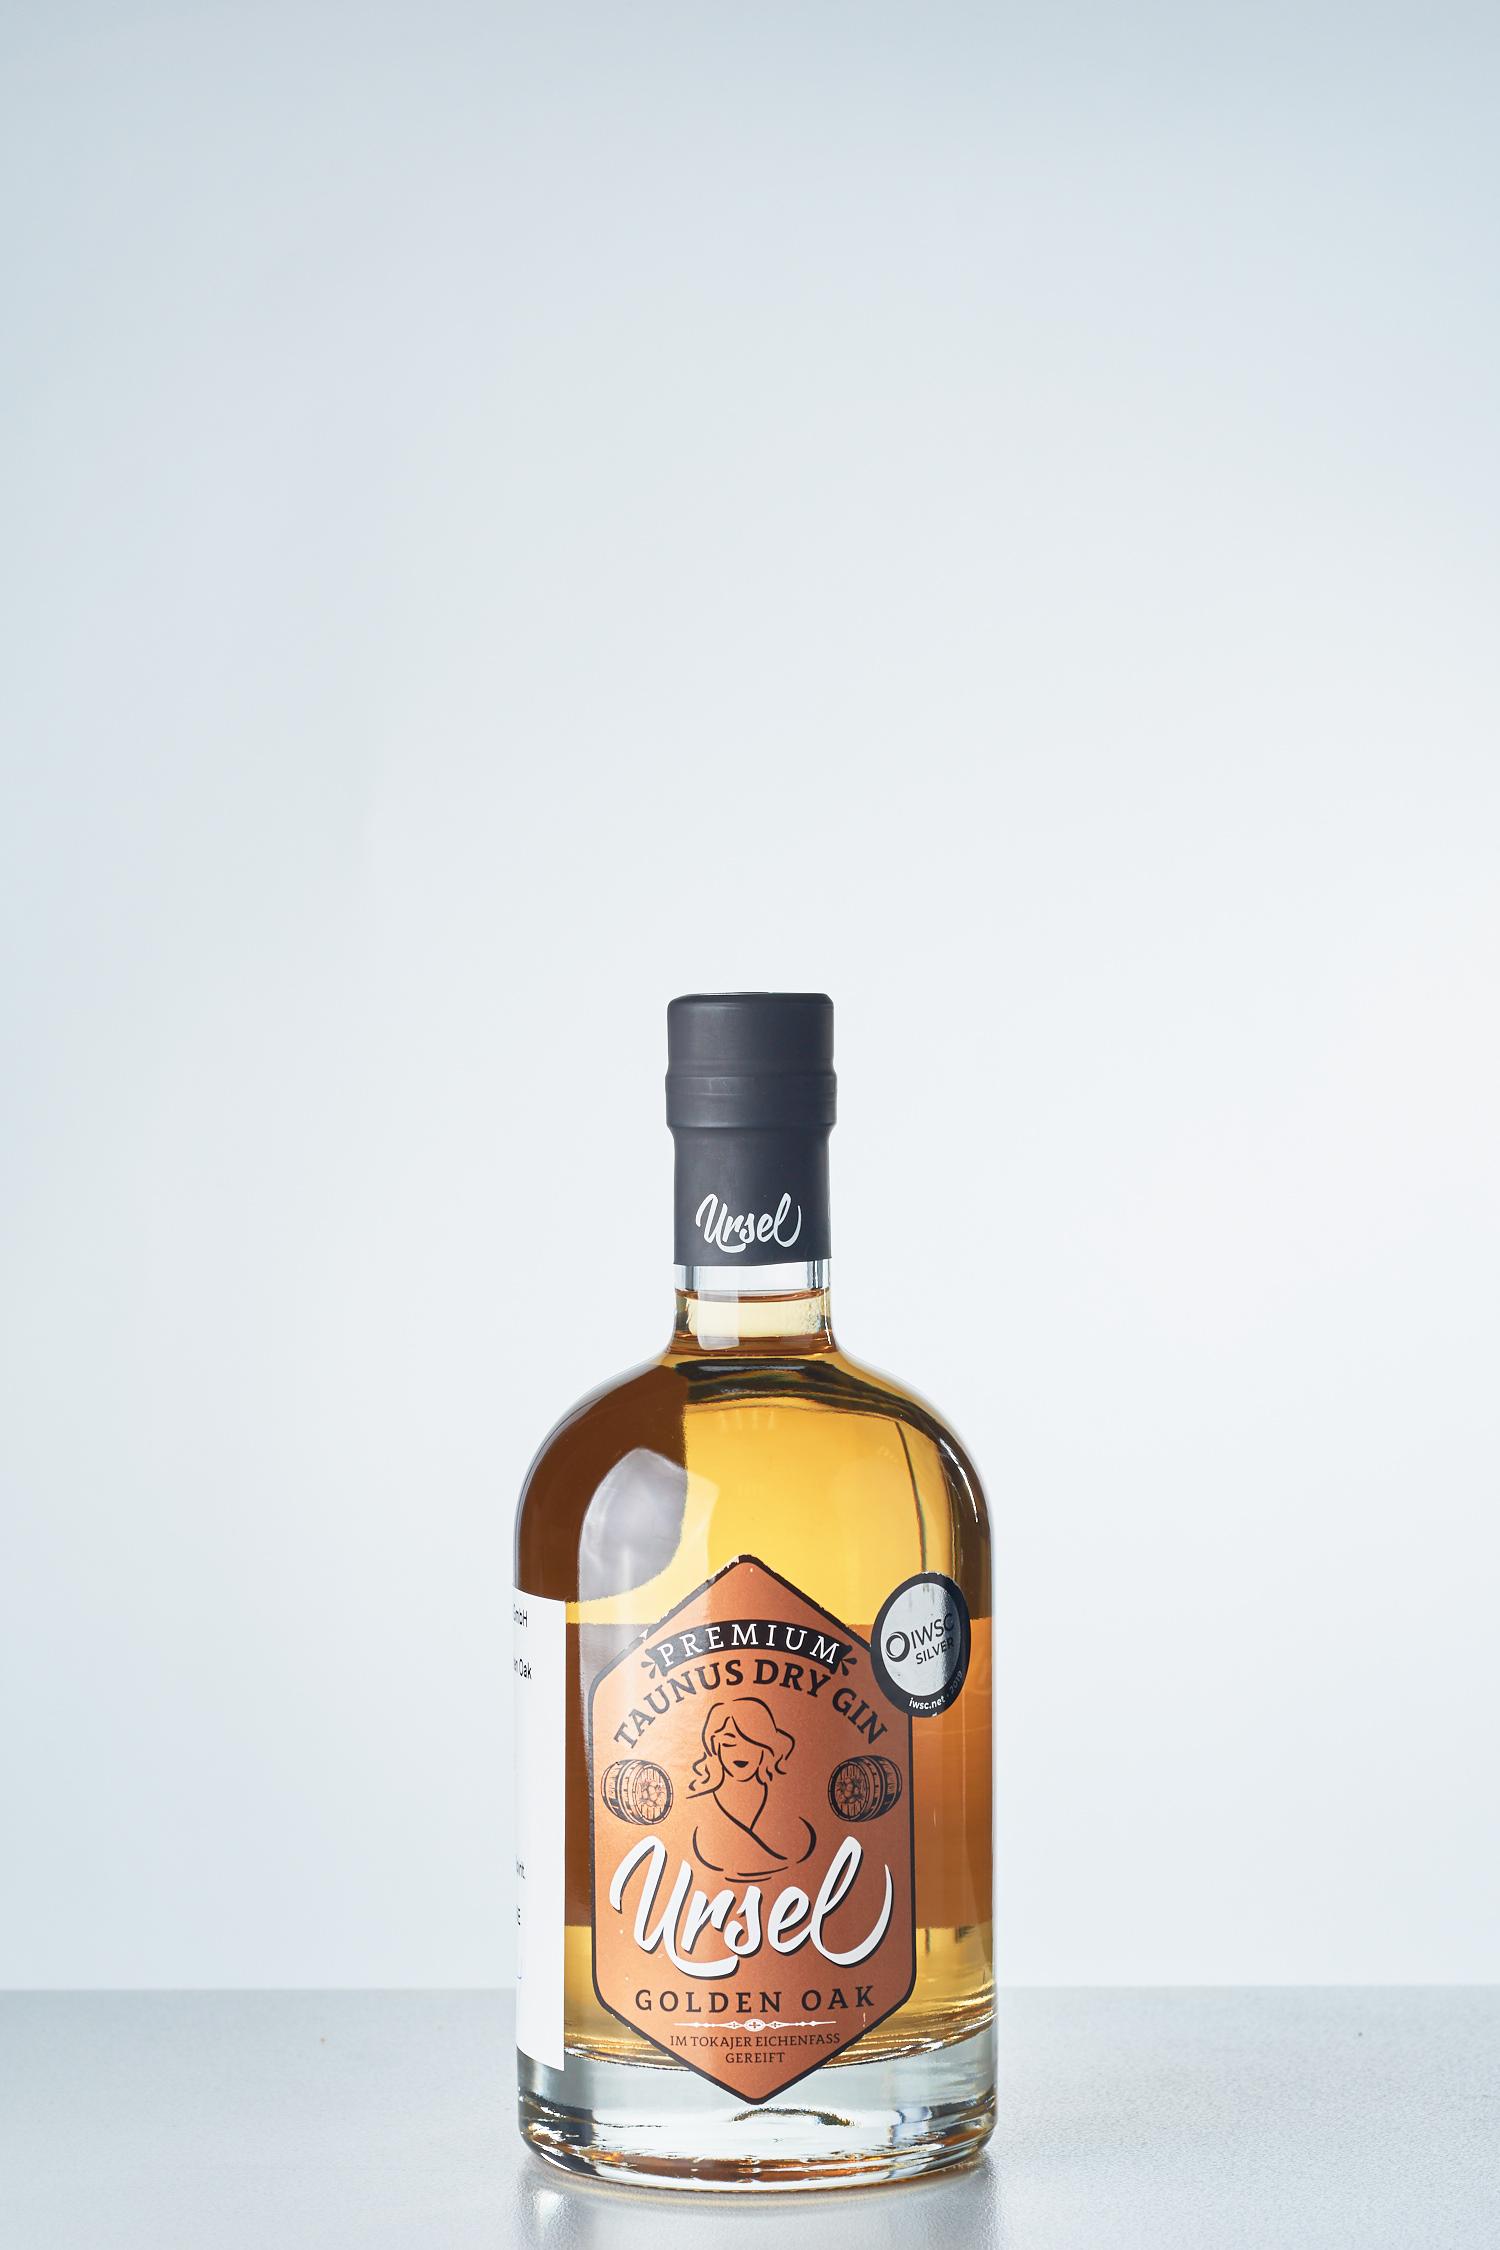 Taunus-Gin GmbH - Ursel - Golden Oak